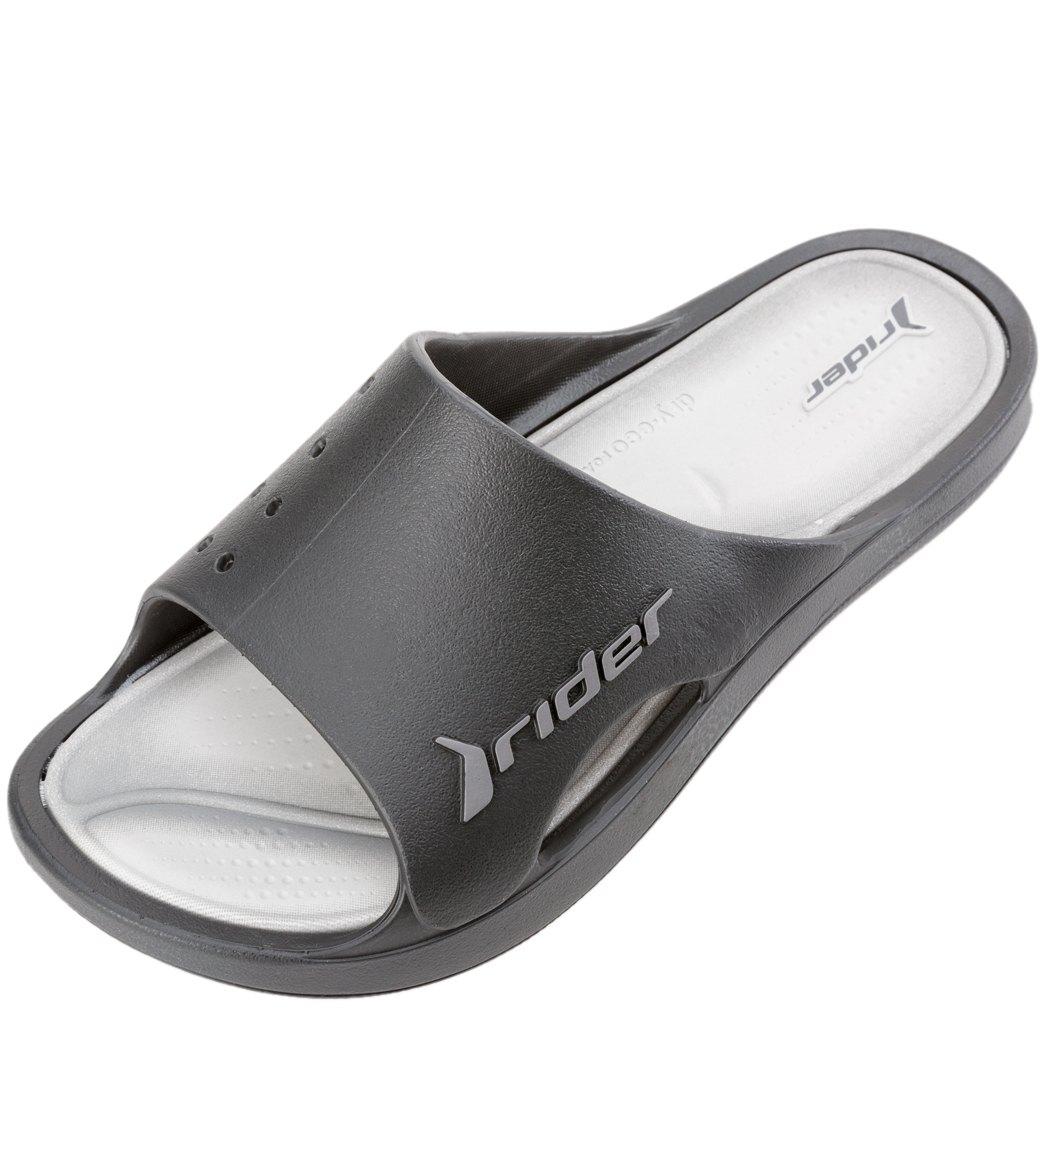 18ef78a6b433 Rider Men s Bay V Slide Sandals at SwimOutlet.com